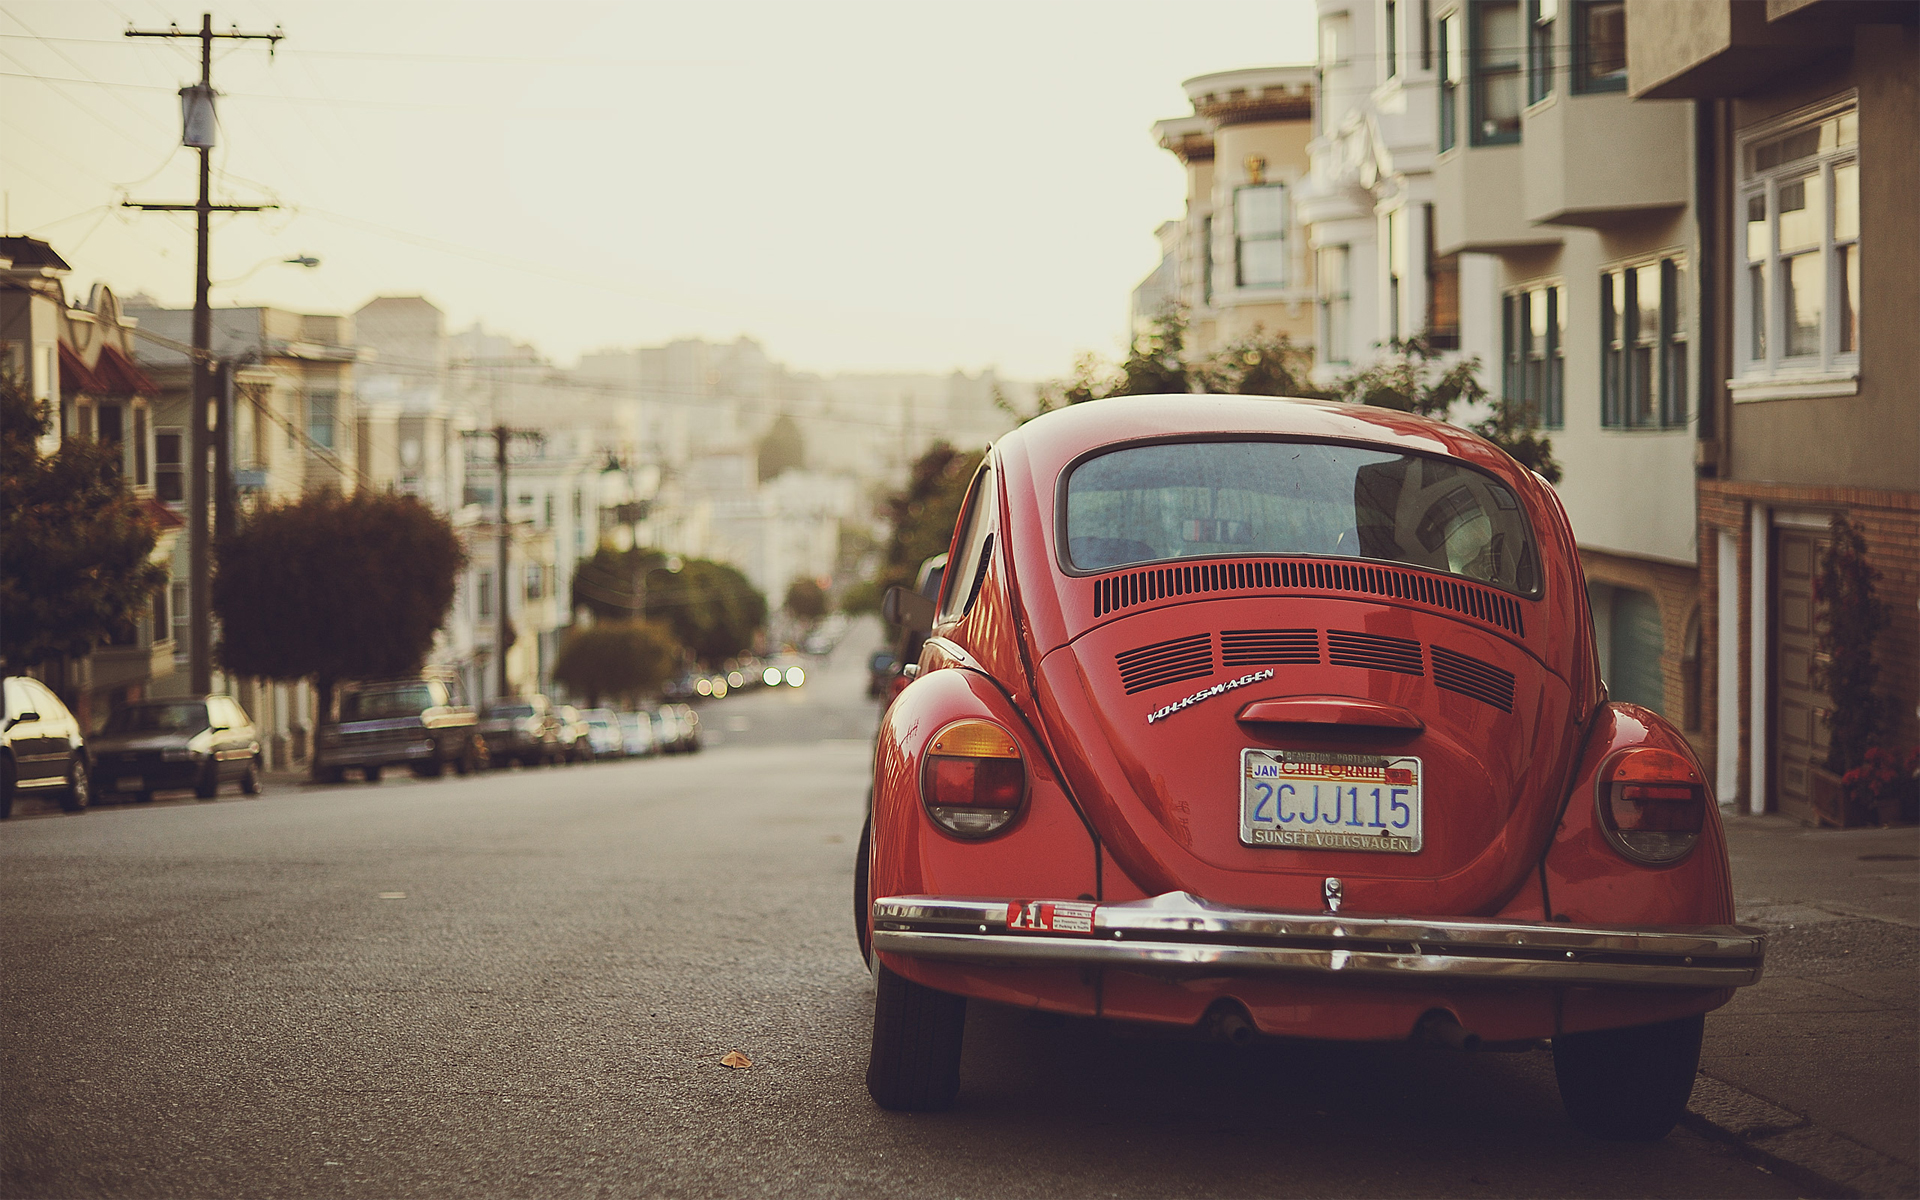 vw beetle   Volkswagen Beetle Wallpaper 23460450 1920x1200